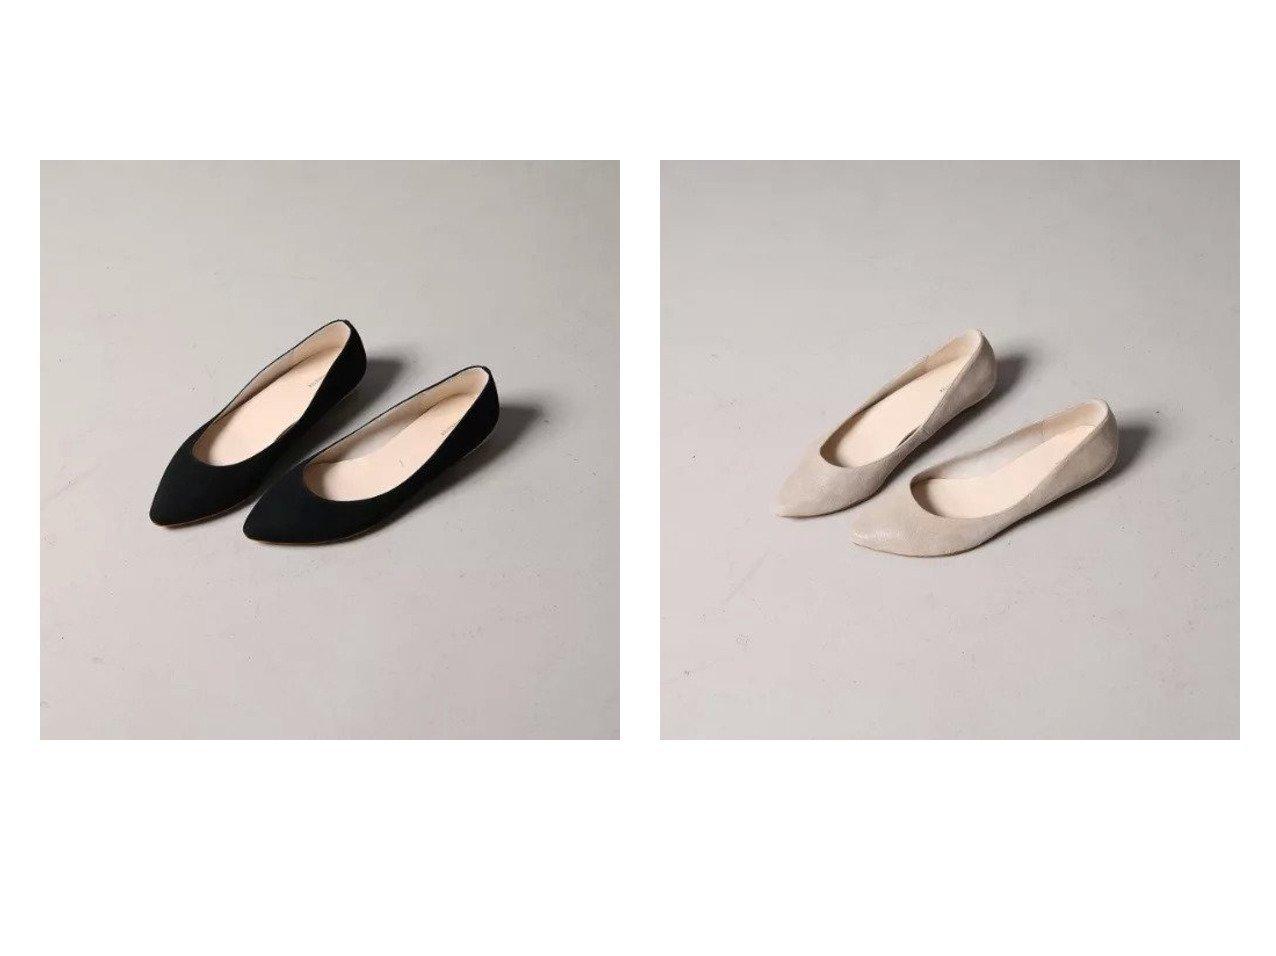 【Au BANNISTER/オゥ バニスター】の【累計1万足突破!】ボロネーゼカッターパンプス 【シューズ・靴】おすすめ!人気、トレンド・レディースファッションの通販 おすすめで人気の流行・トレンド、ファッションの通販商品 インテリア・家具・メンズファッション・キッズファッション・レディースファッション・服の通販 founy(ファニー) https://founy.com/ ファッション Fashion レディースファッション WOMEN コレクション 今季 シューズ 定番 Standard 人気 フラット ベーシック  ID:crp329100000062643